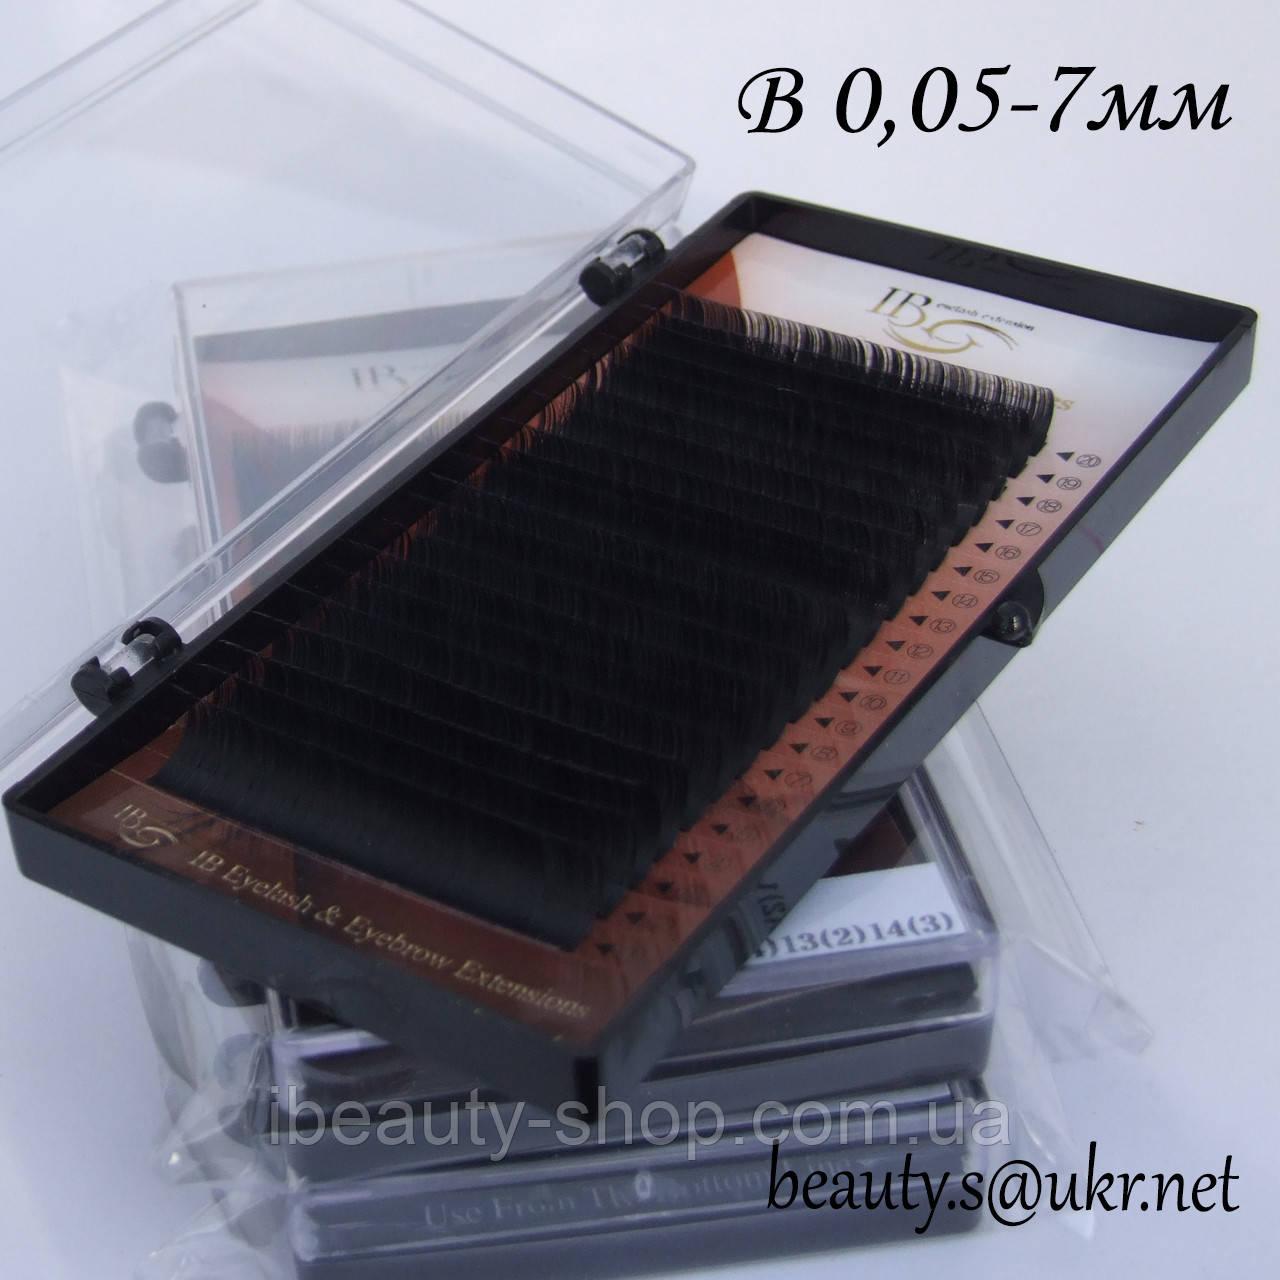 Ресницы  I-Beauty на ленте B-0,05 7мм